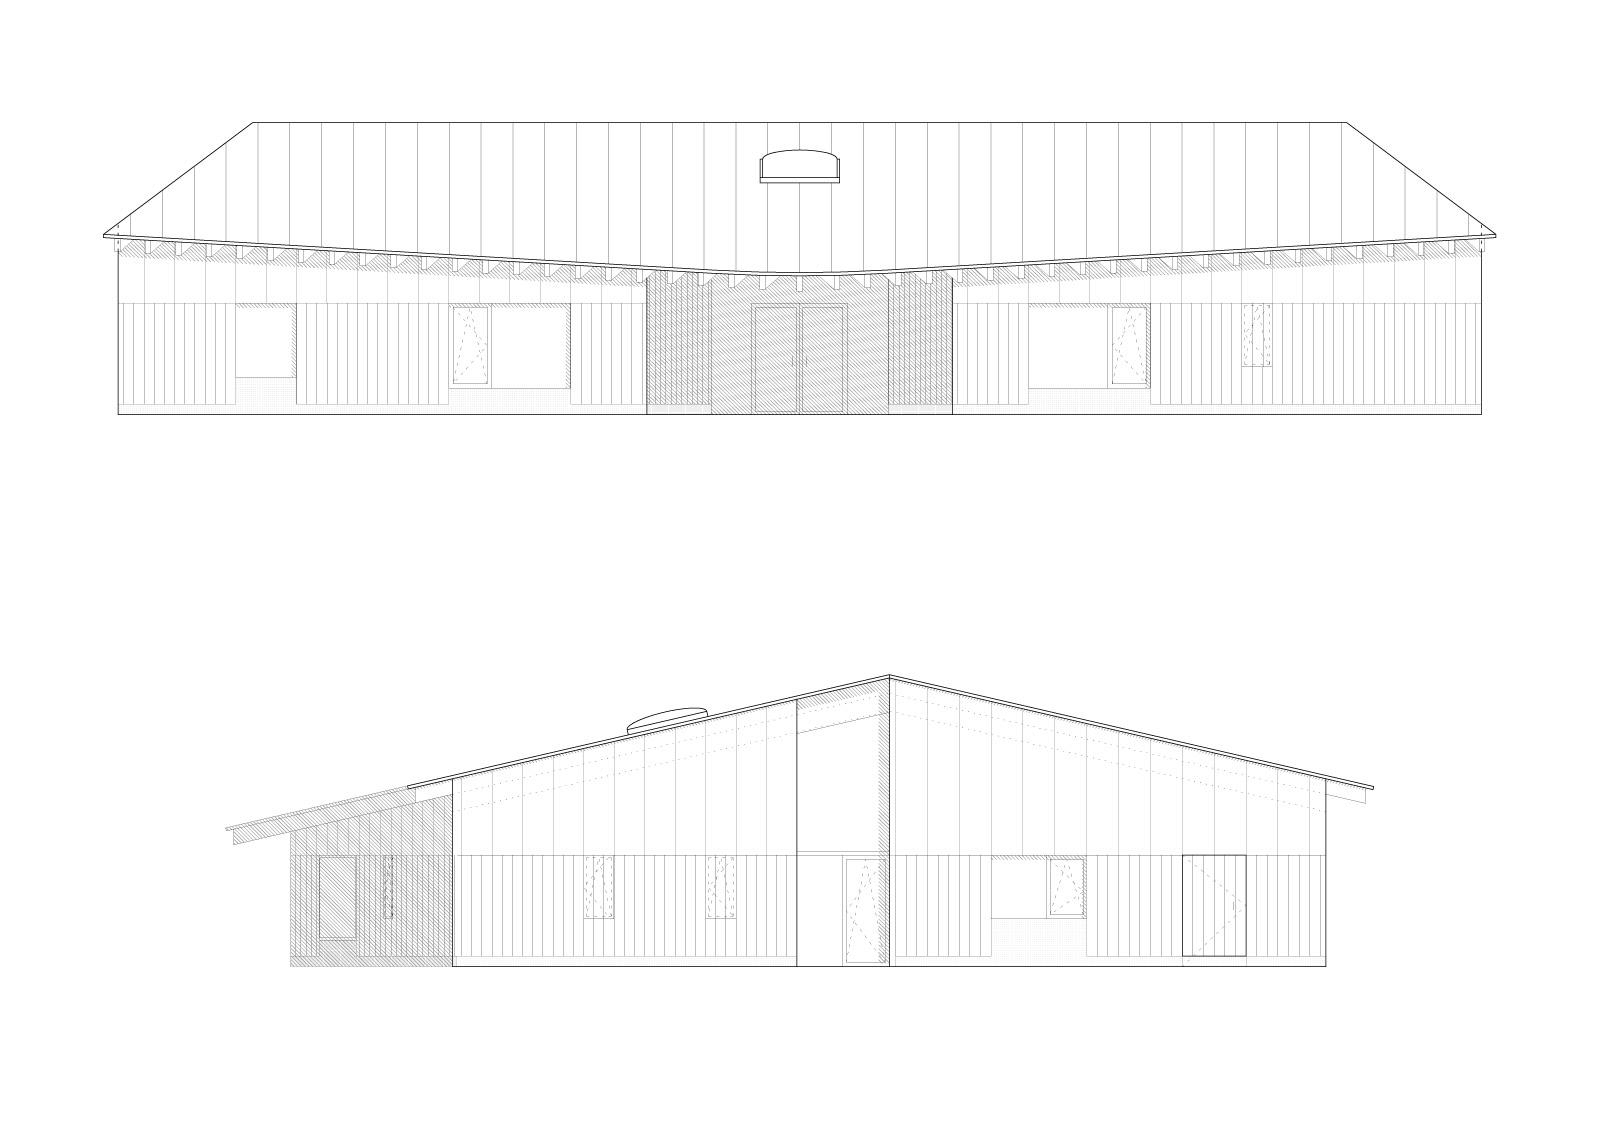 Atelier-Fanelsa-10-Elevations-1